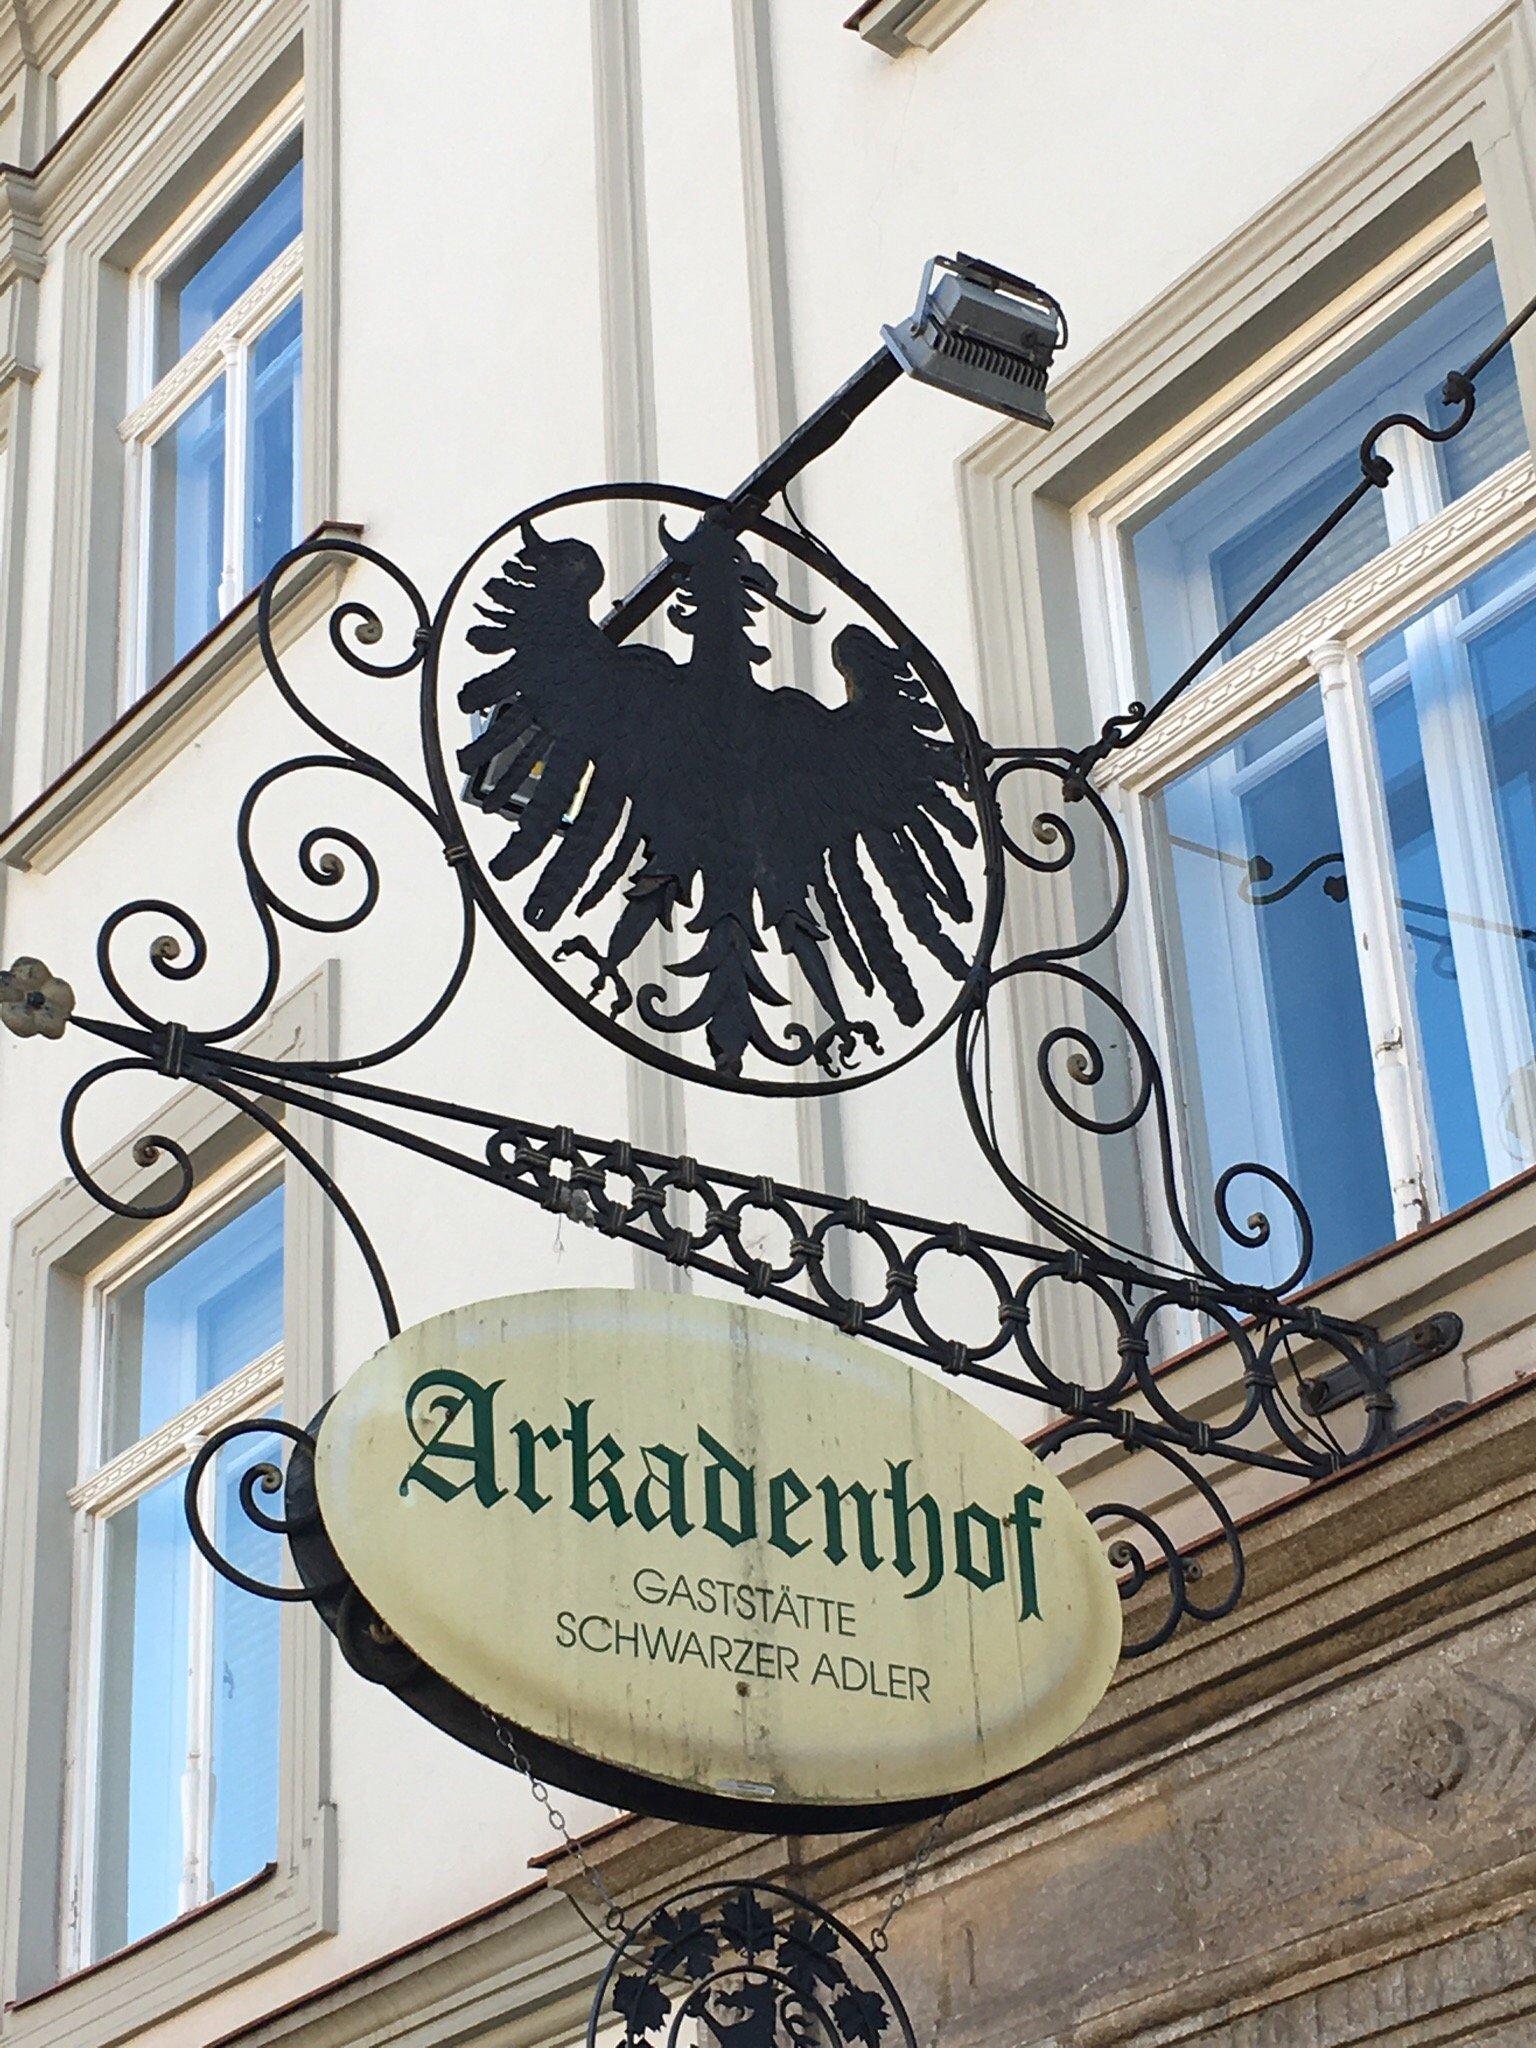 arkadenhof gastst tte schwarzer adler leoben restaurant. Black Bedroom Furniture Sets. Home Design Ideas